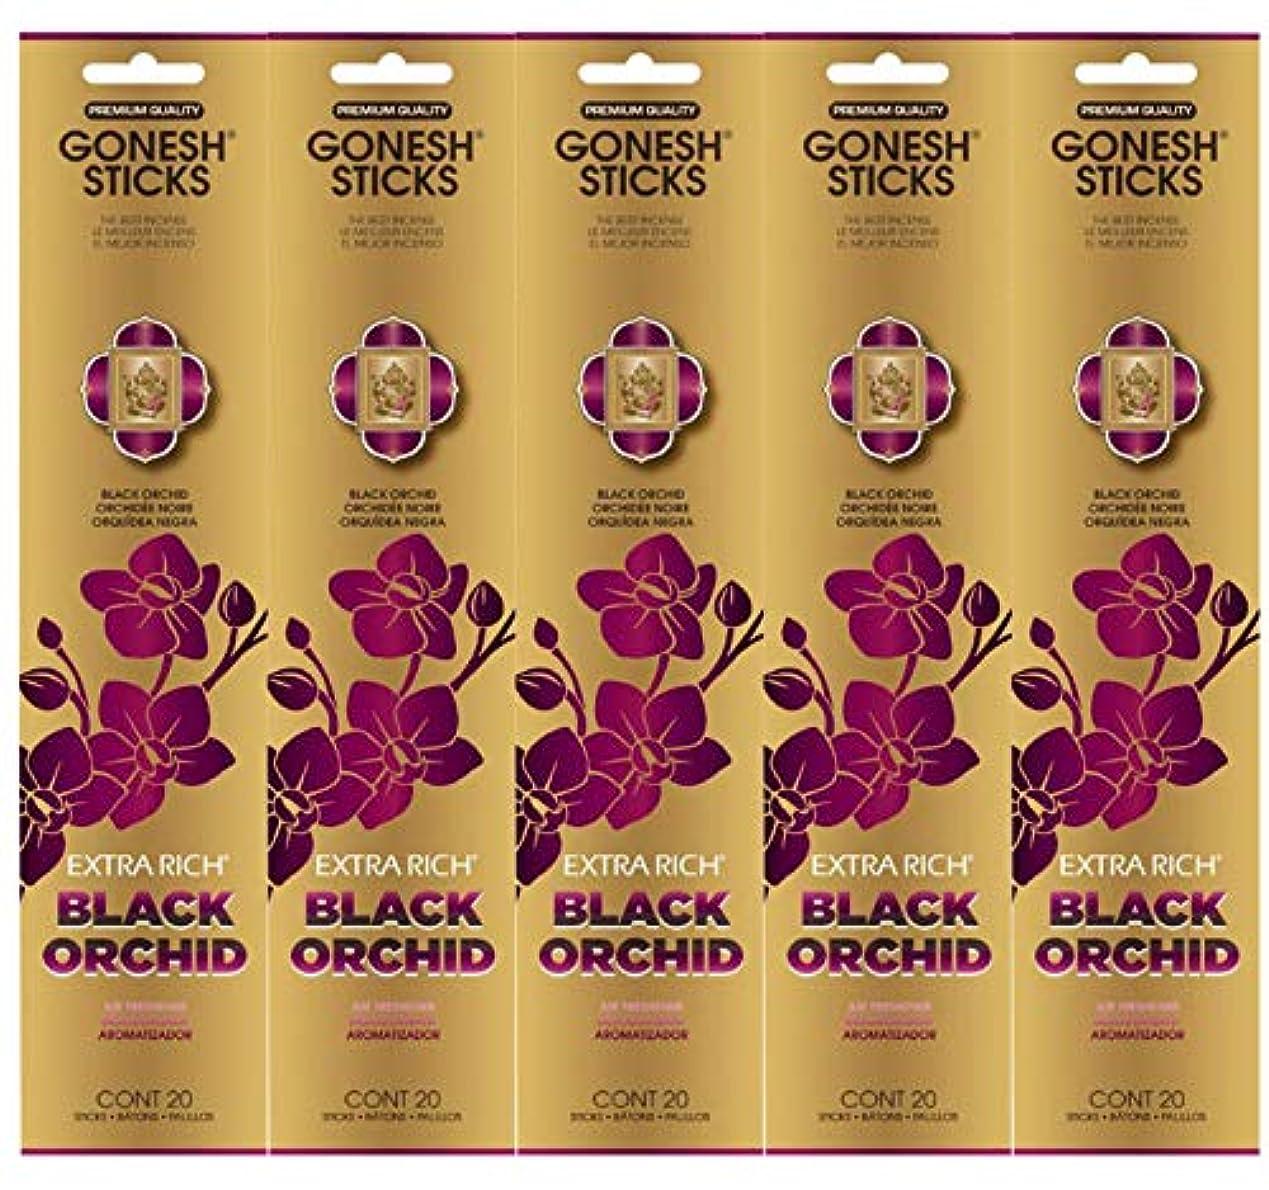 知性夕食を作る構造的Gonesh お香スティック エクストラリッチコレクション - ブラックオーキッド 5パック (合計100本)